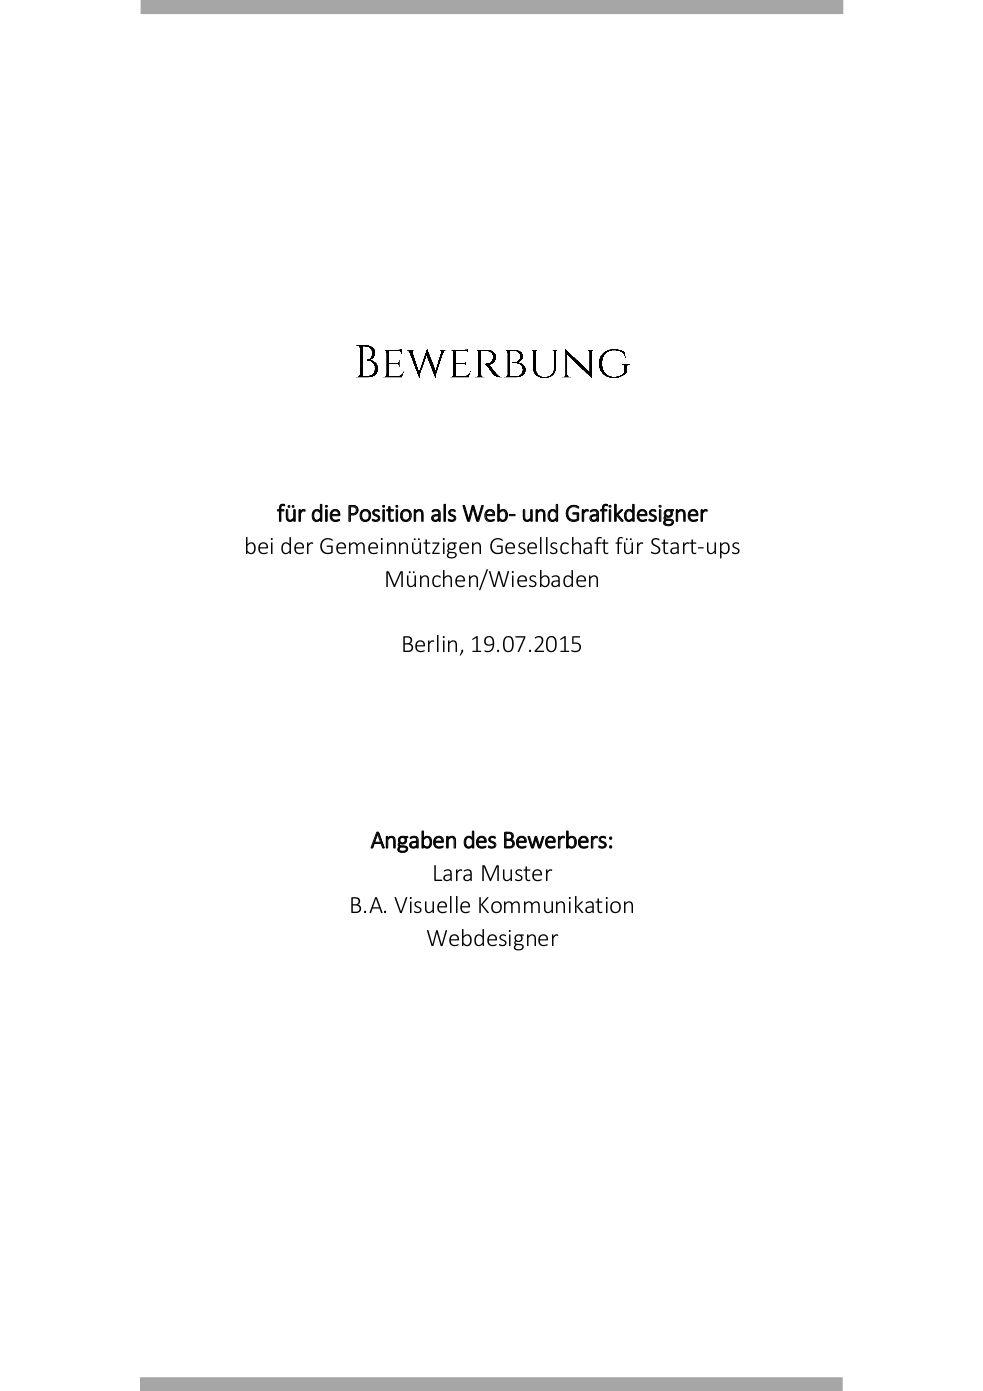 Anlagenverzeichnis Muster Vorlage 7 Deckblatt-Vorlage-7